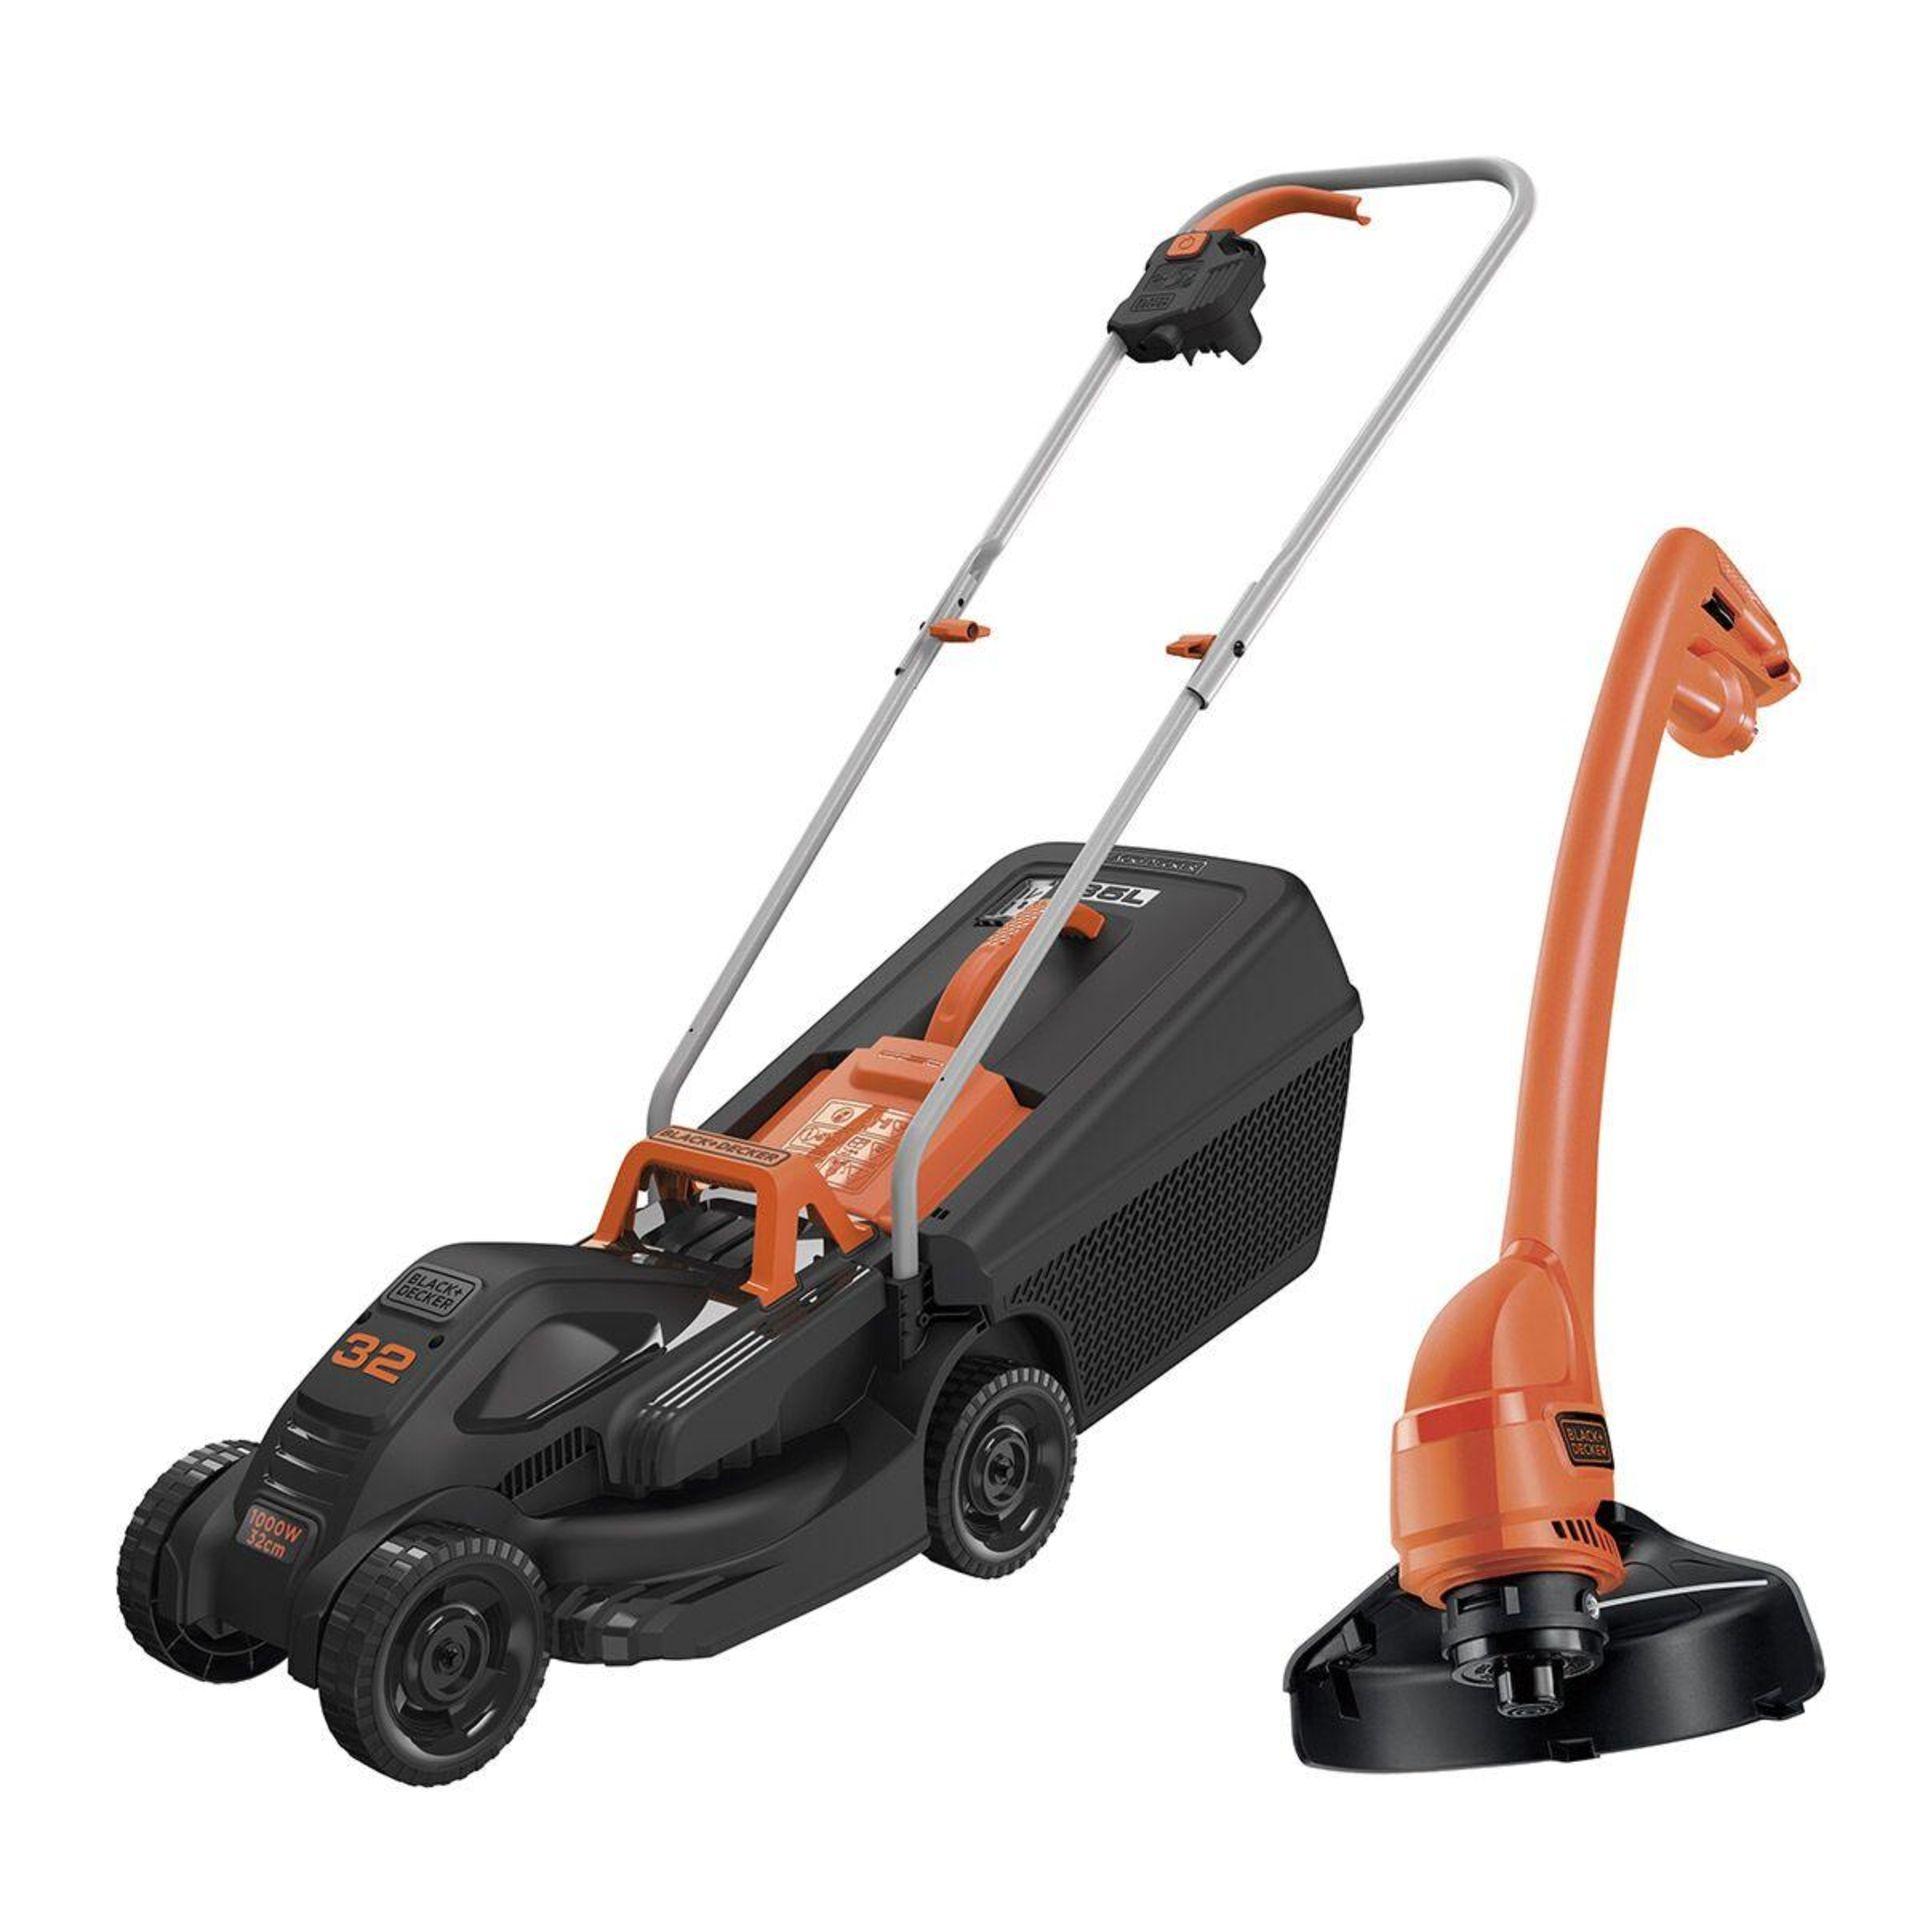 (P5) 1x Black & Decker 32cm 1000W Corded Lawn Mower & Strimmer RRP £99. Contents Appear Clean, Unus